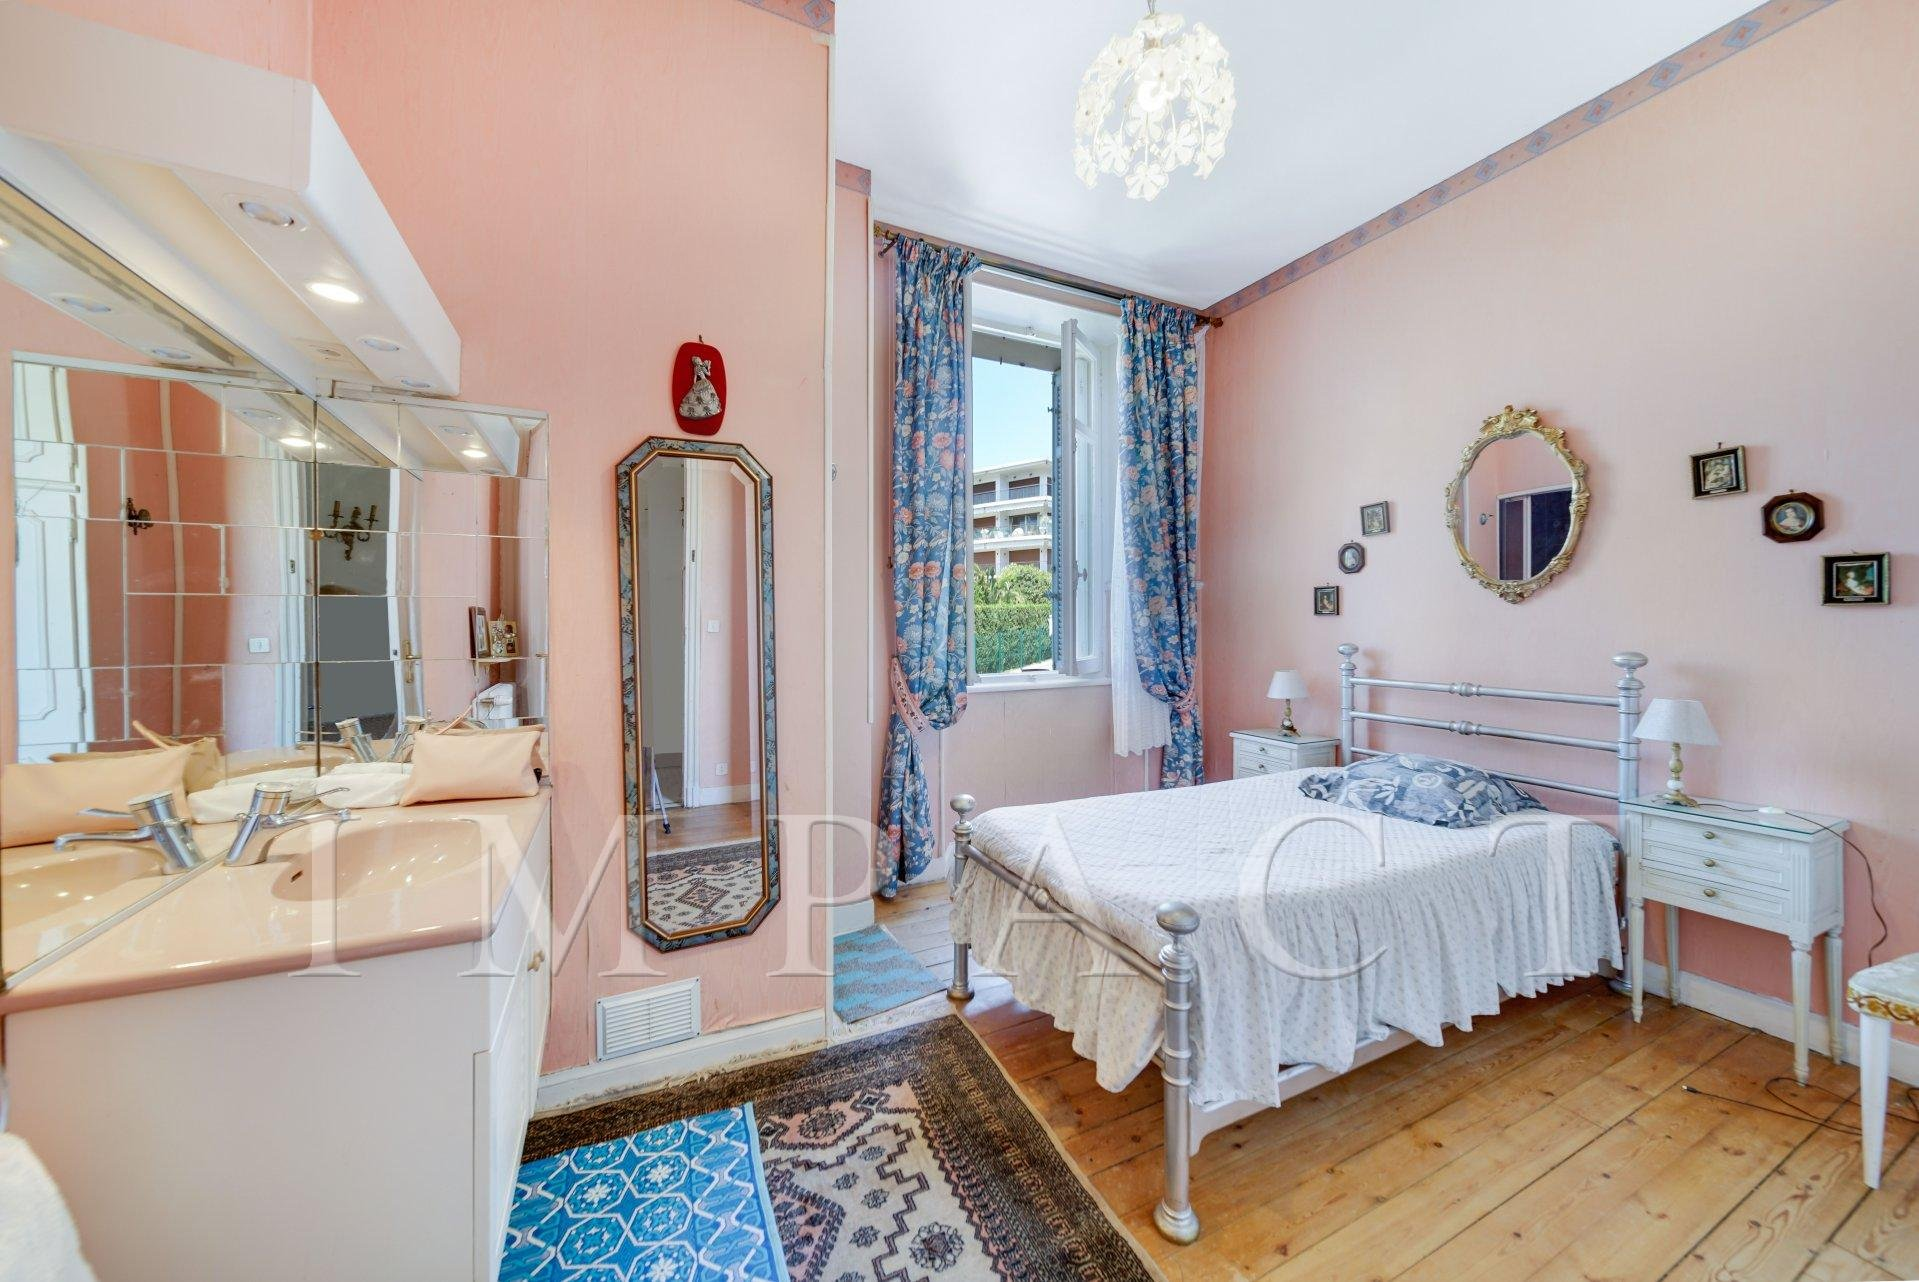 Bedroom n° 4